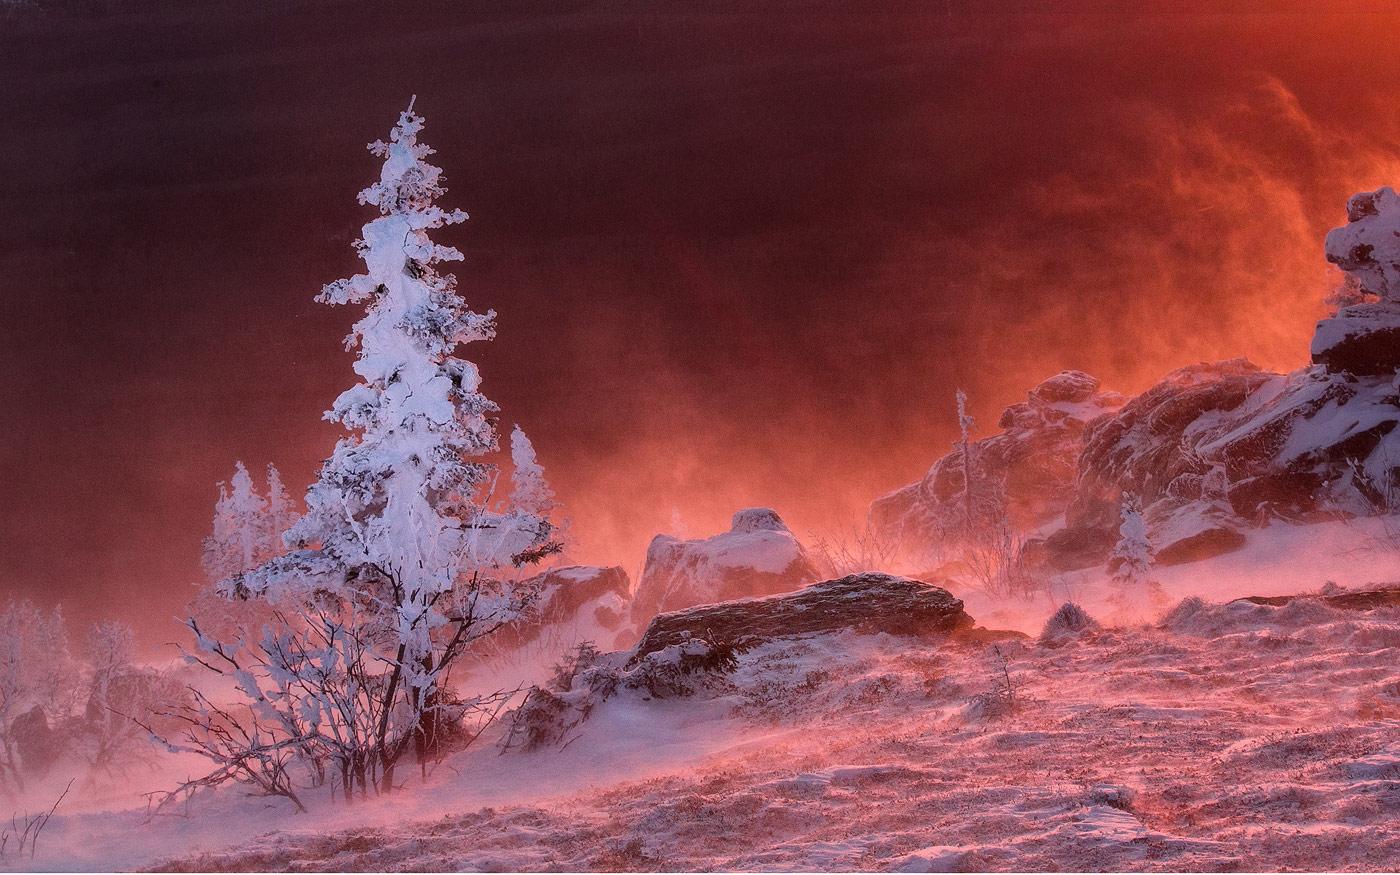 Огненный снег, © Наталия Федосова, 3-е место в номинации «Пейзажи», Фотоконкурс «Дикая природа России» от National Geographic